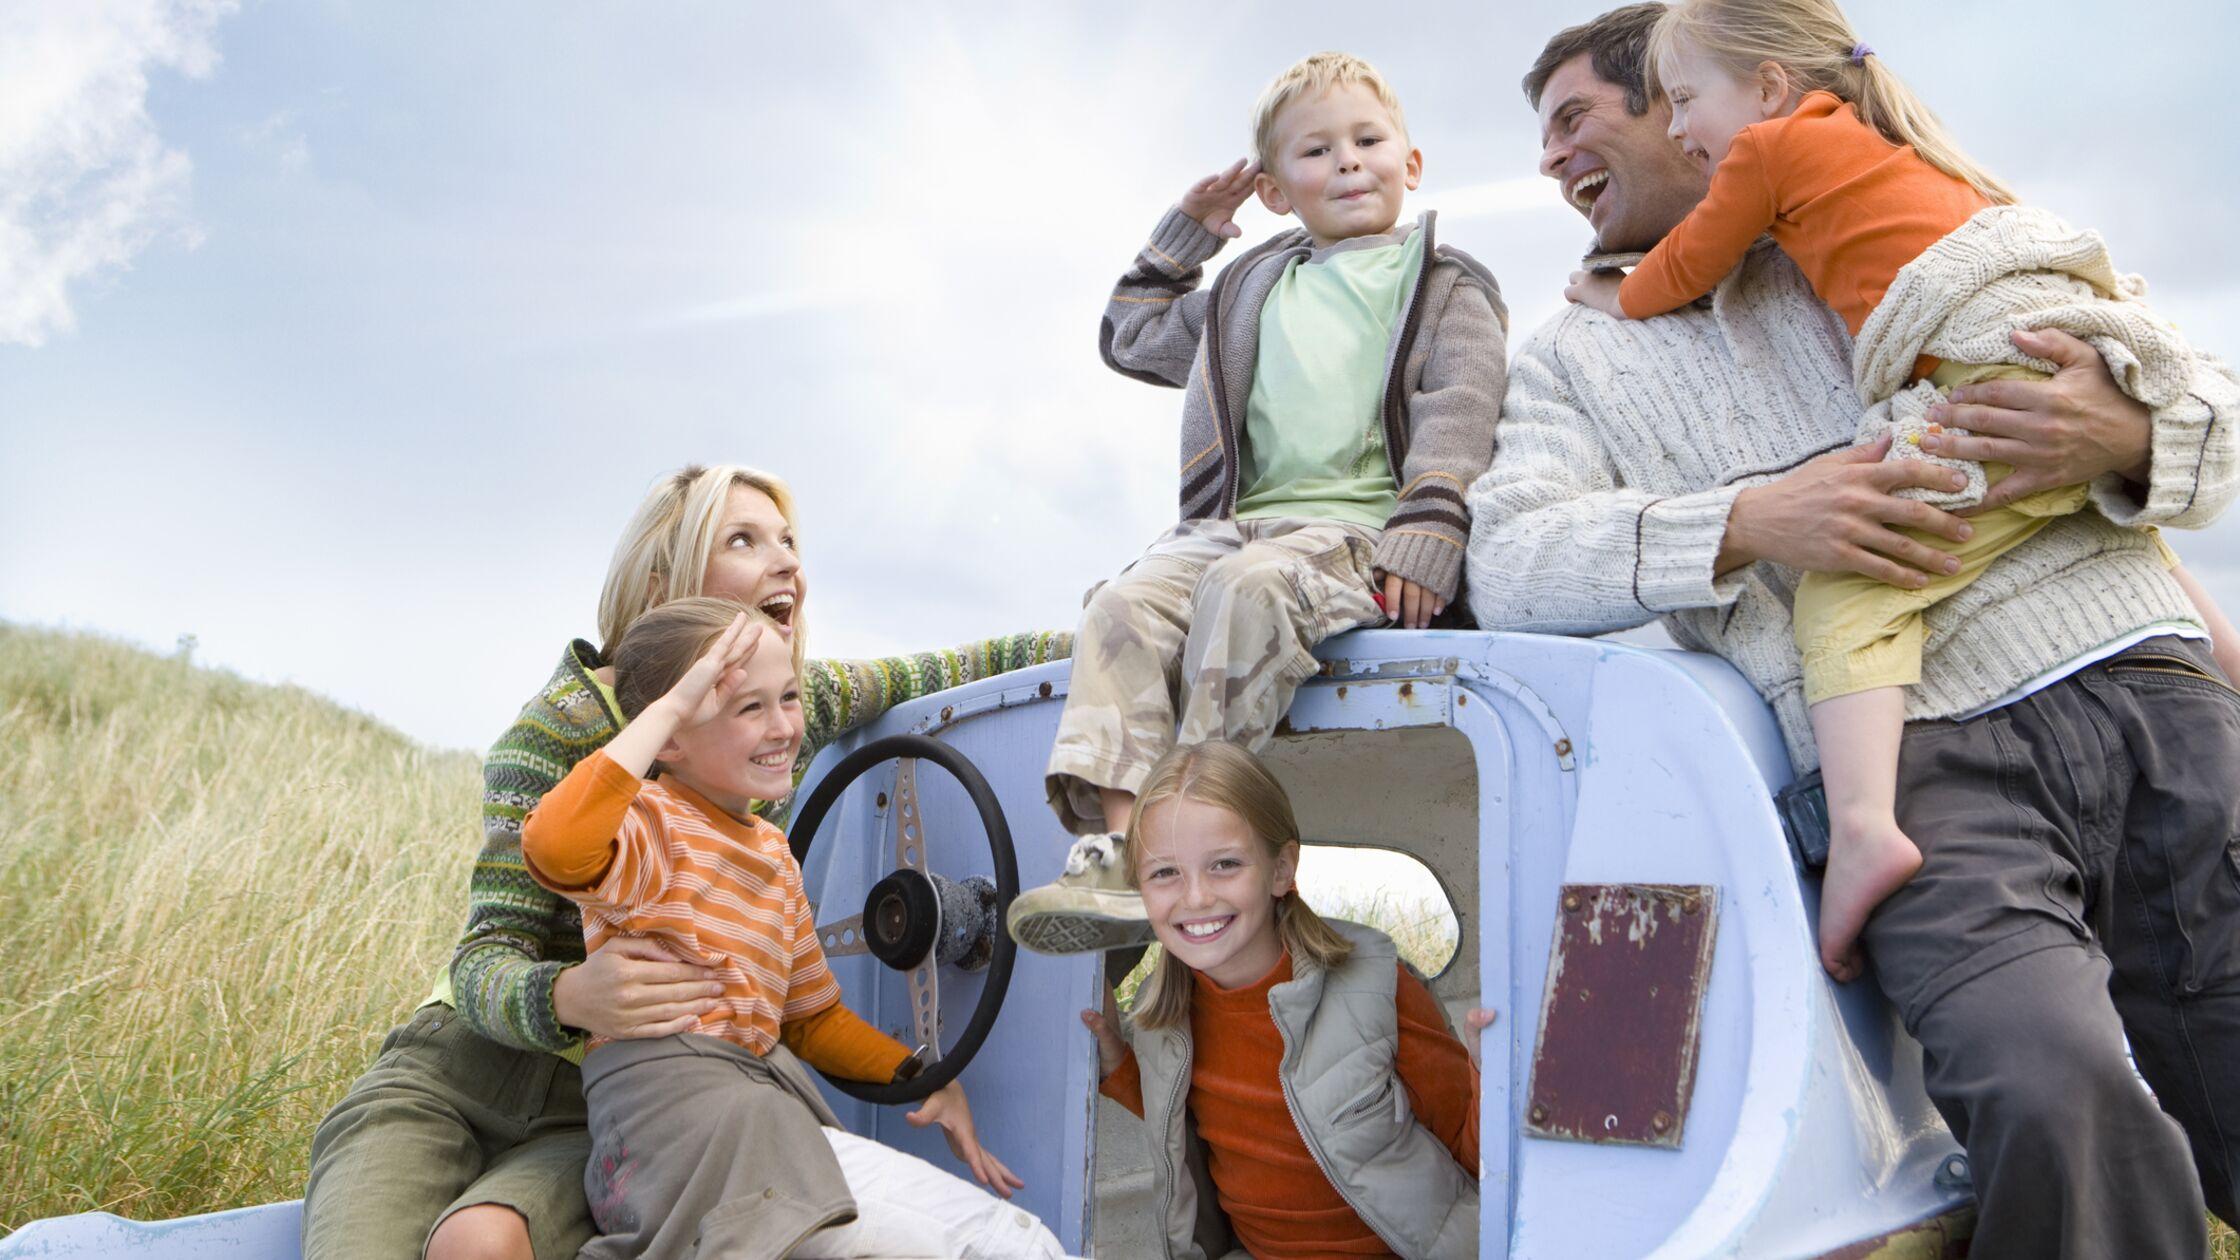 Familie mit Eltern und vier Kindern lächelnd auf Boot.